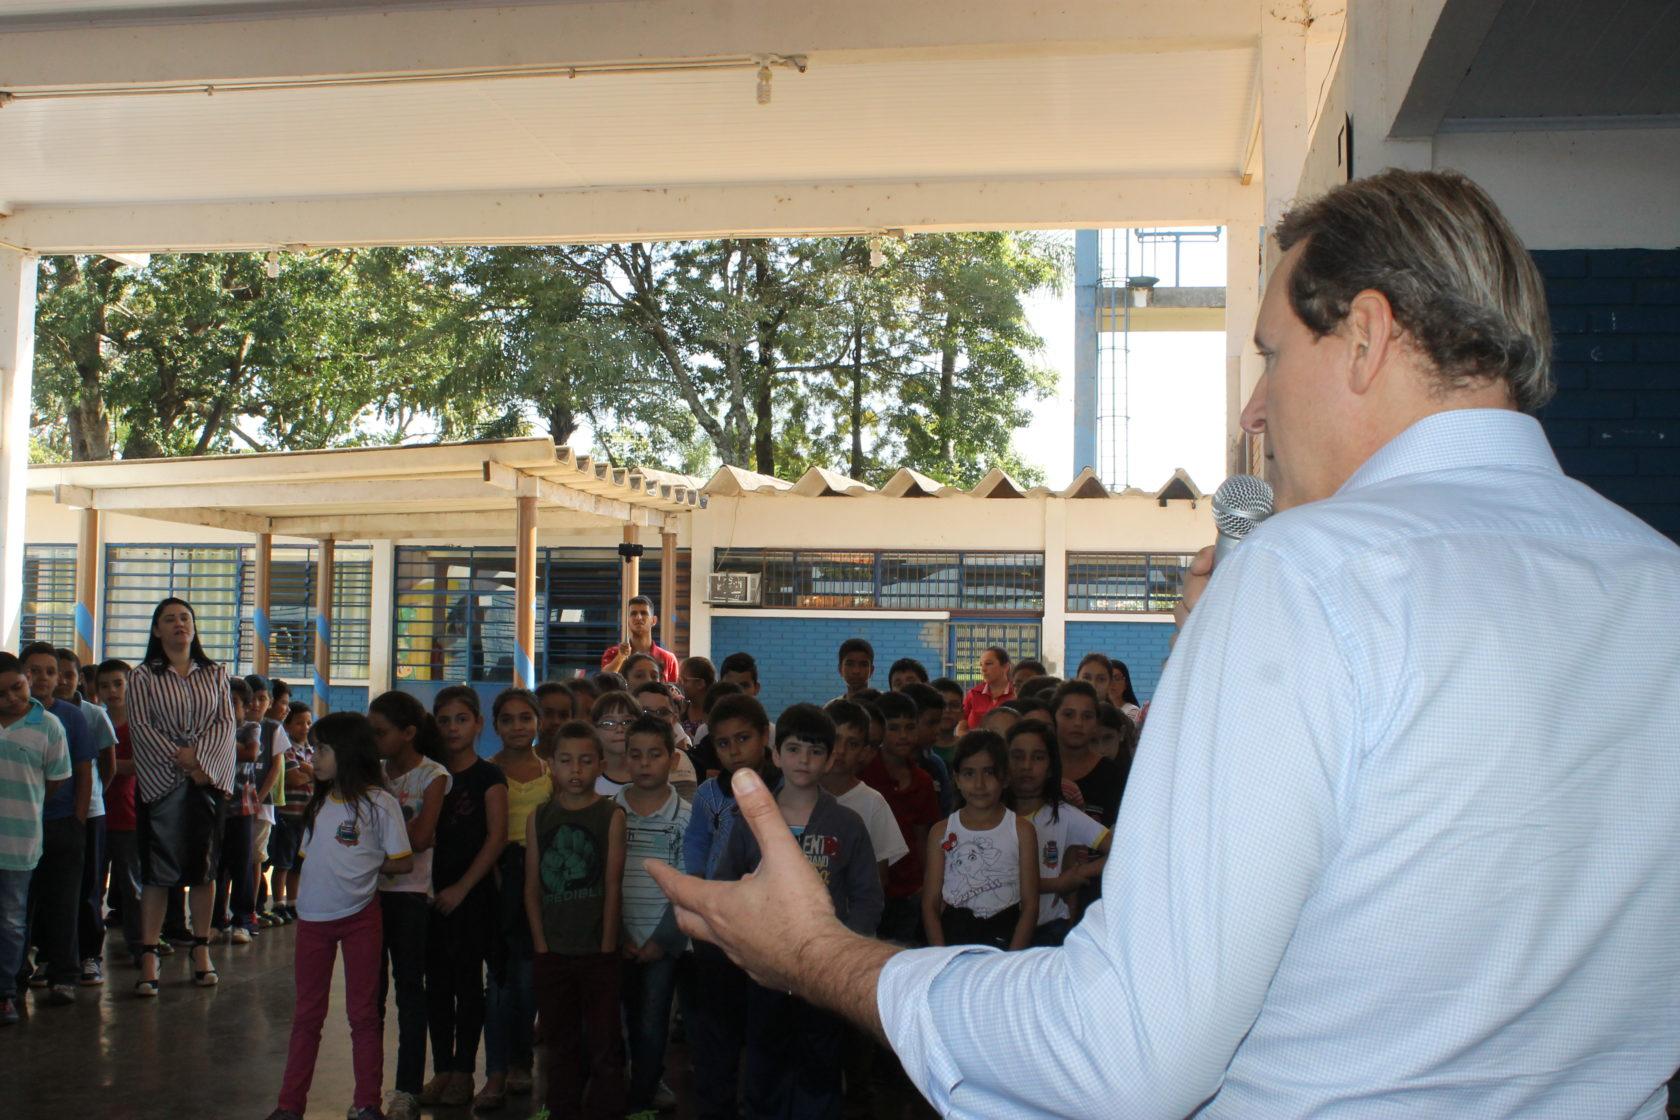 Recesso escolar da Rede Municipal de Ensino em Itararé (SP) começa dia 23